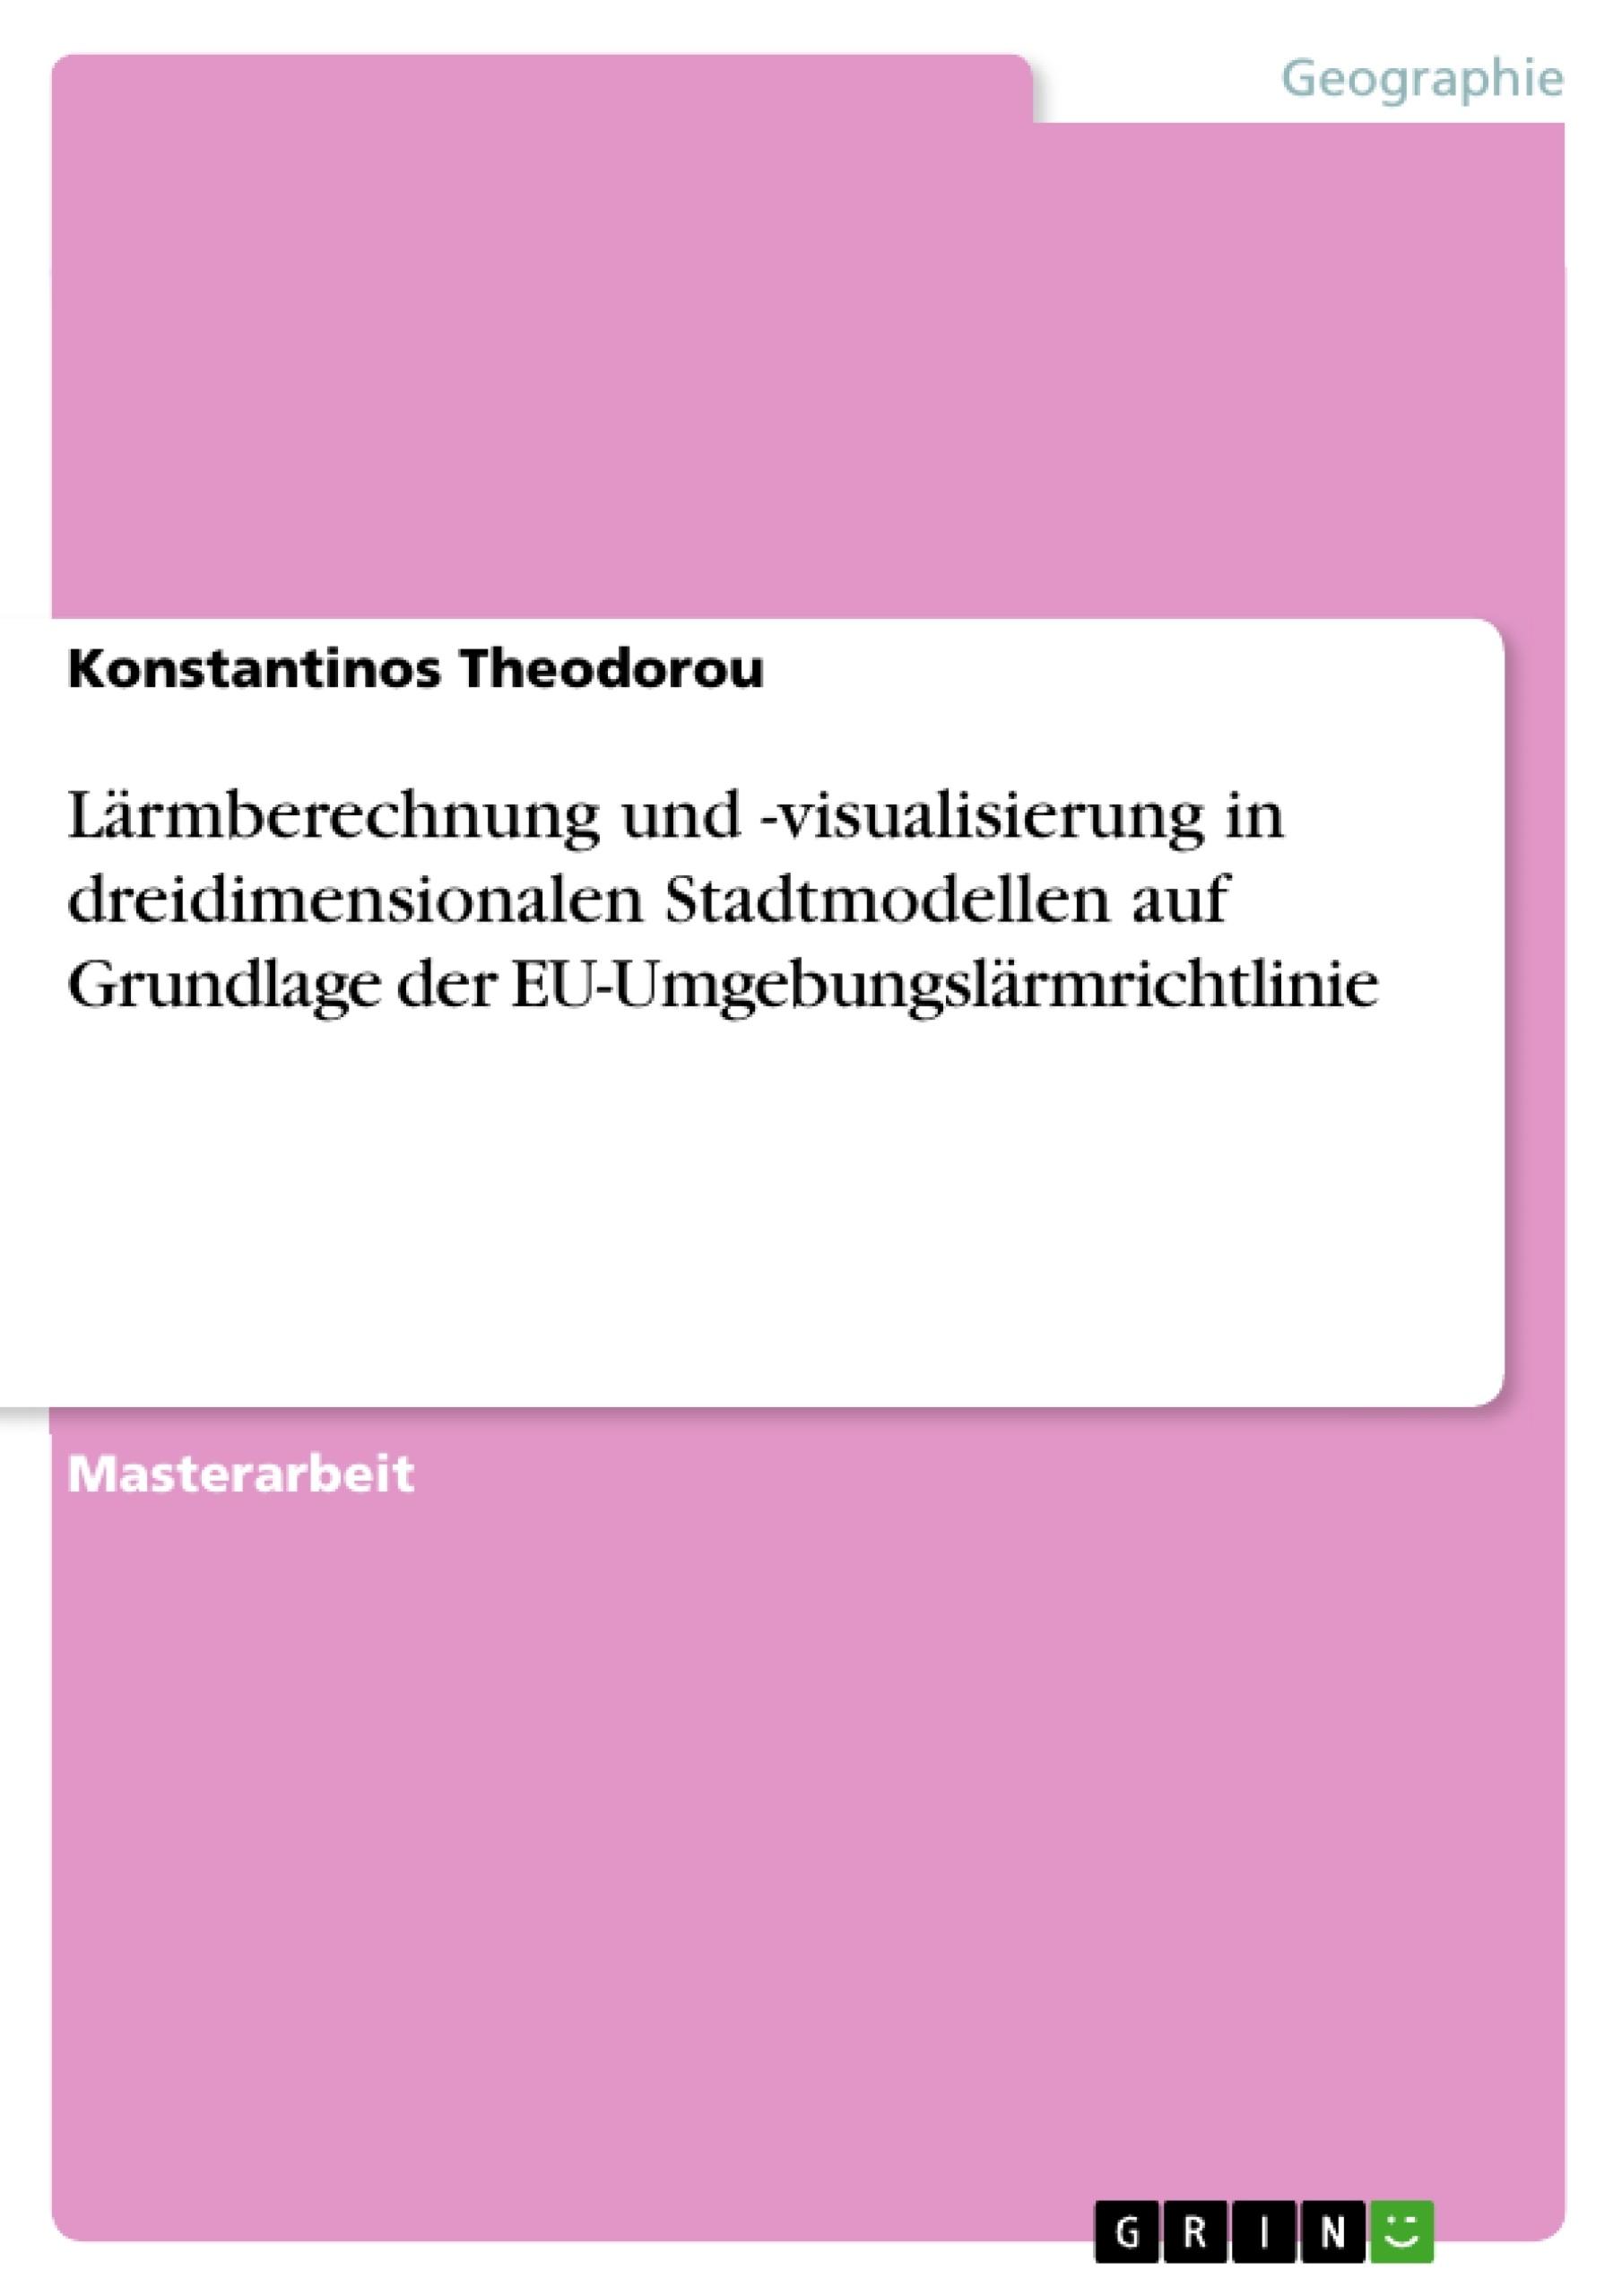 Titel: Lärmberechnung und -visualisierung in dreidimensionalen Stadtmodellen auf Grundlage der EU-Umgebungslärmrichtlinie